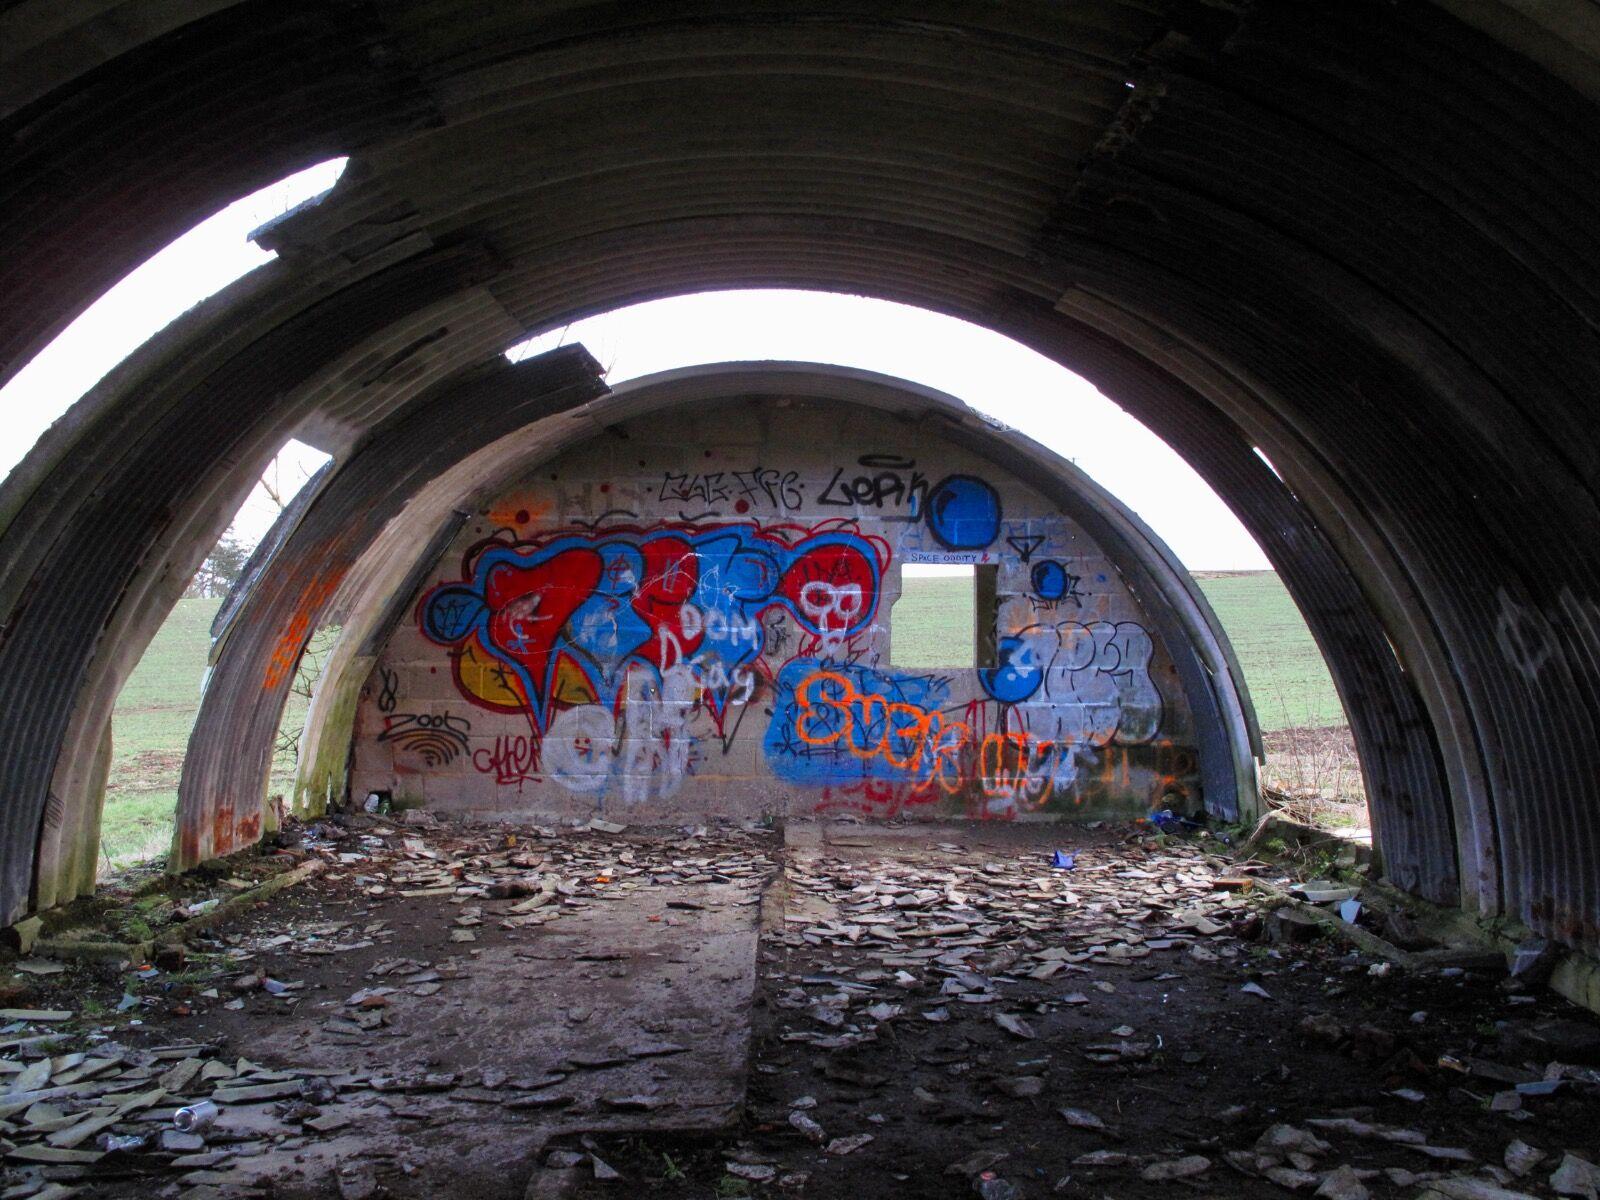 Cowshed Graffiti / 7